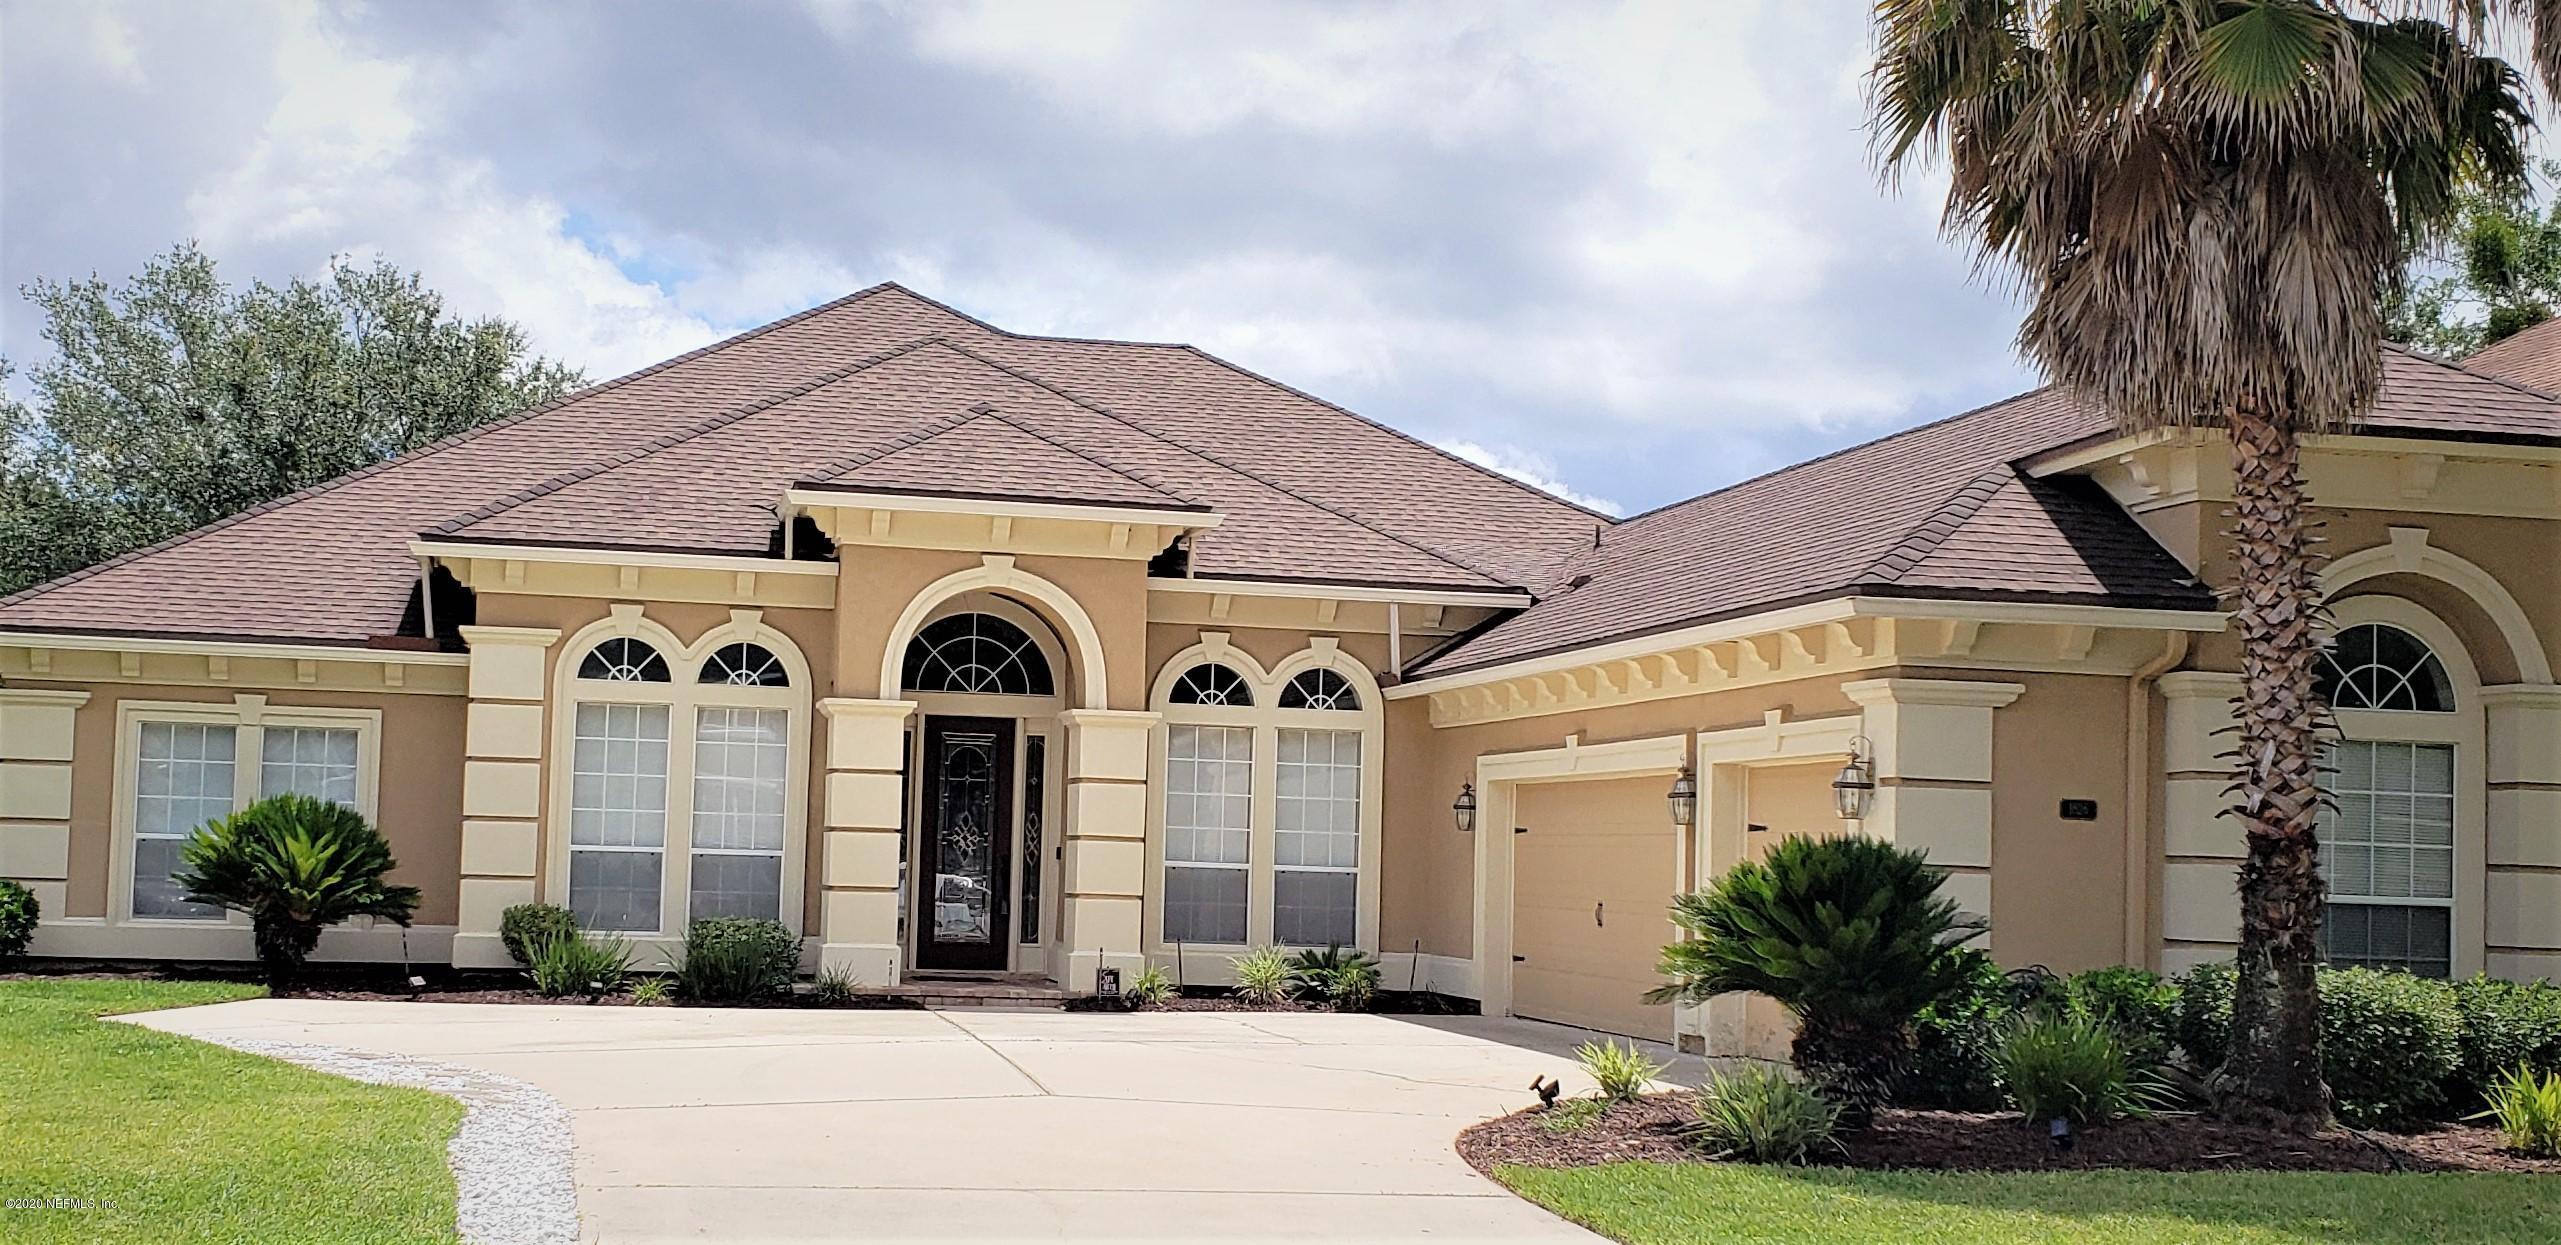 1826 WILD DUNES, ORANGE PARK, FLORIDA 32065, 4 Bedrooms Bedrooms, ,4 BathroomsBathrooms,Residential,For sale,WILD DUNES,1055282